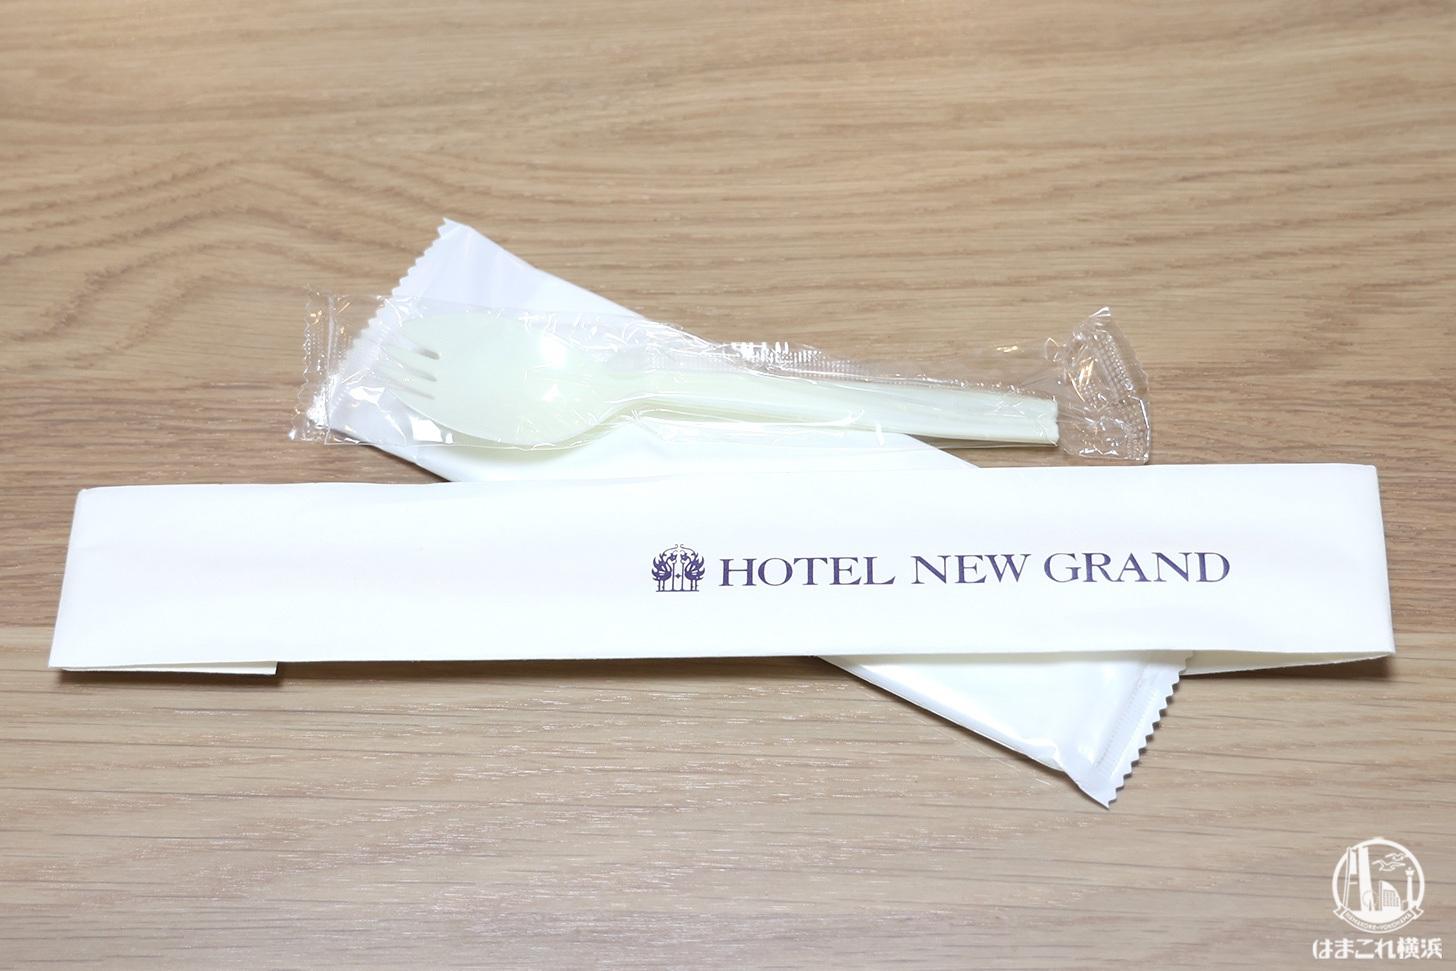 ホテルニューグランドのお手拭きとお箸類